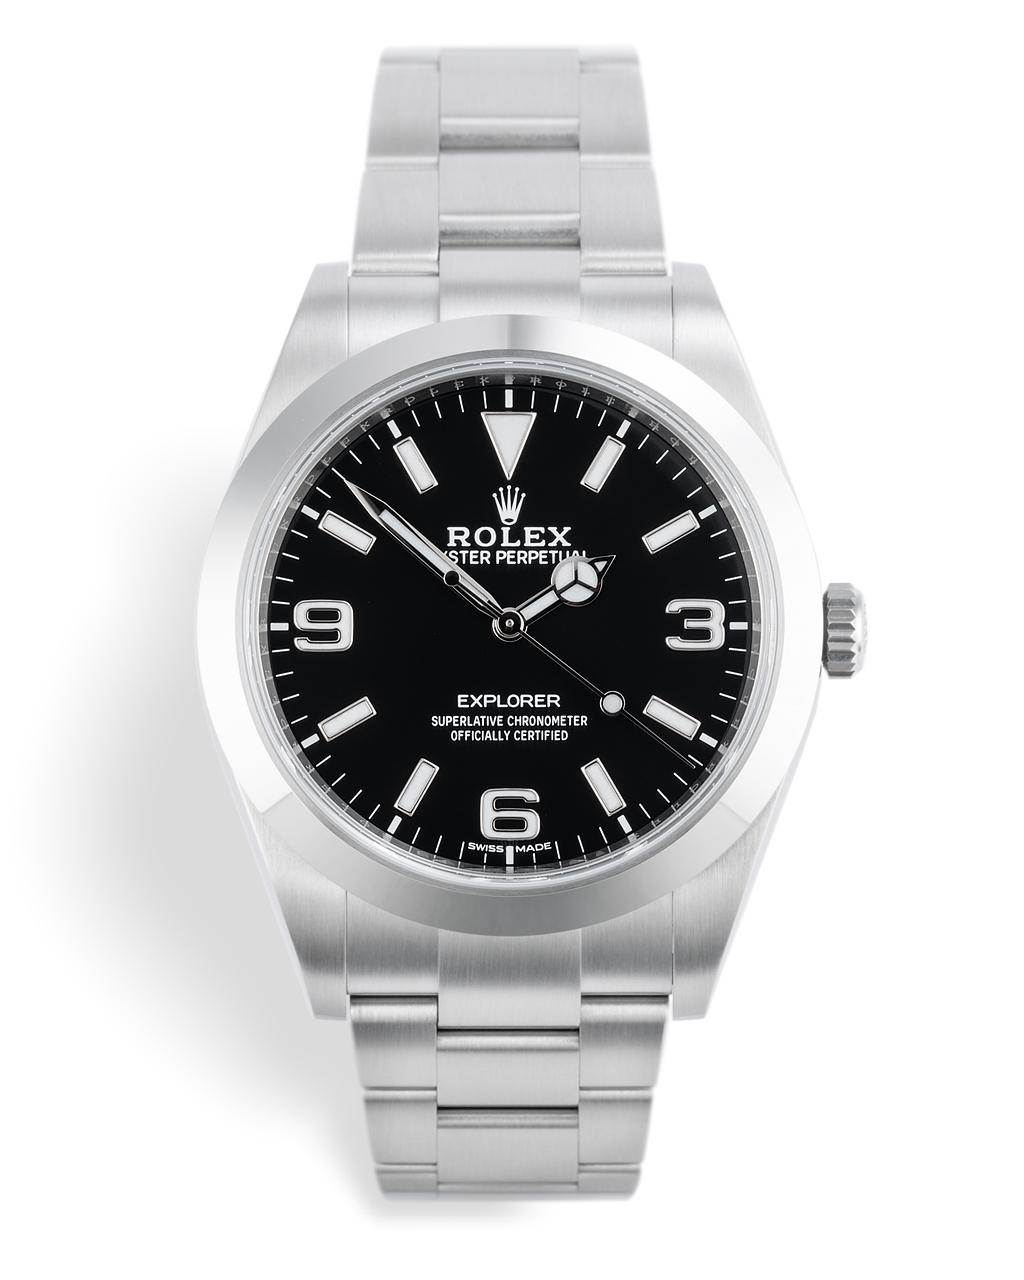 Rolex Explorer Watches | ref 214270 | Brand New '5 Year